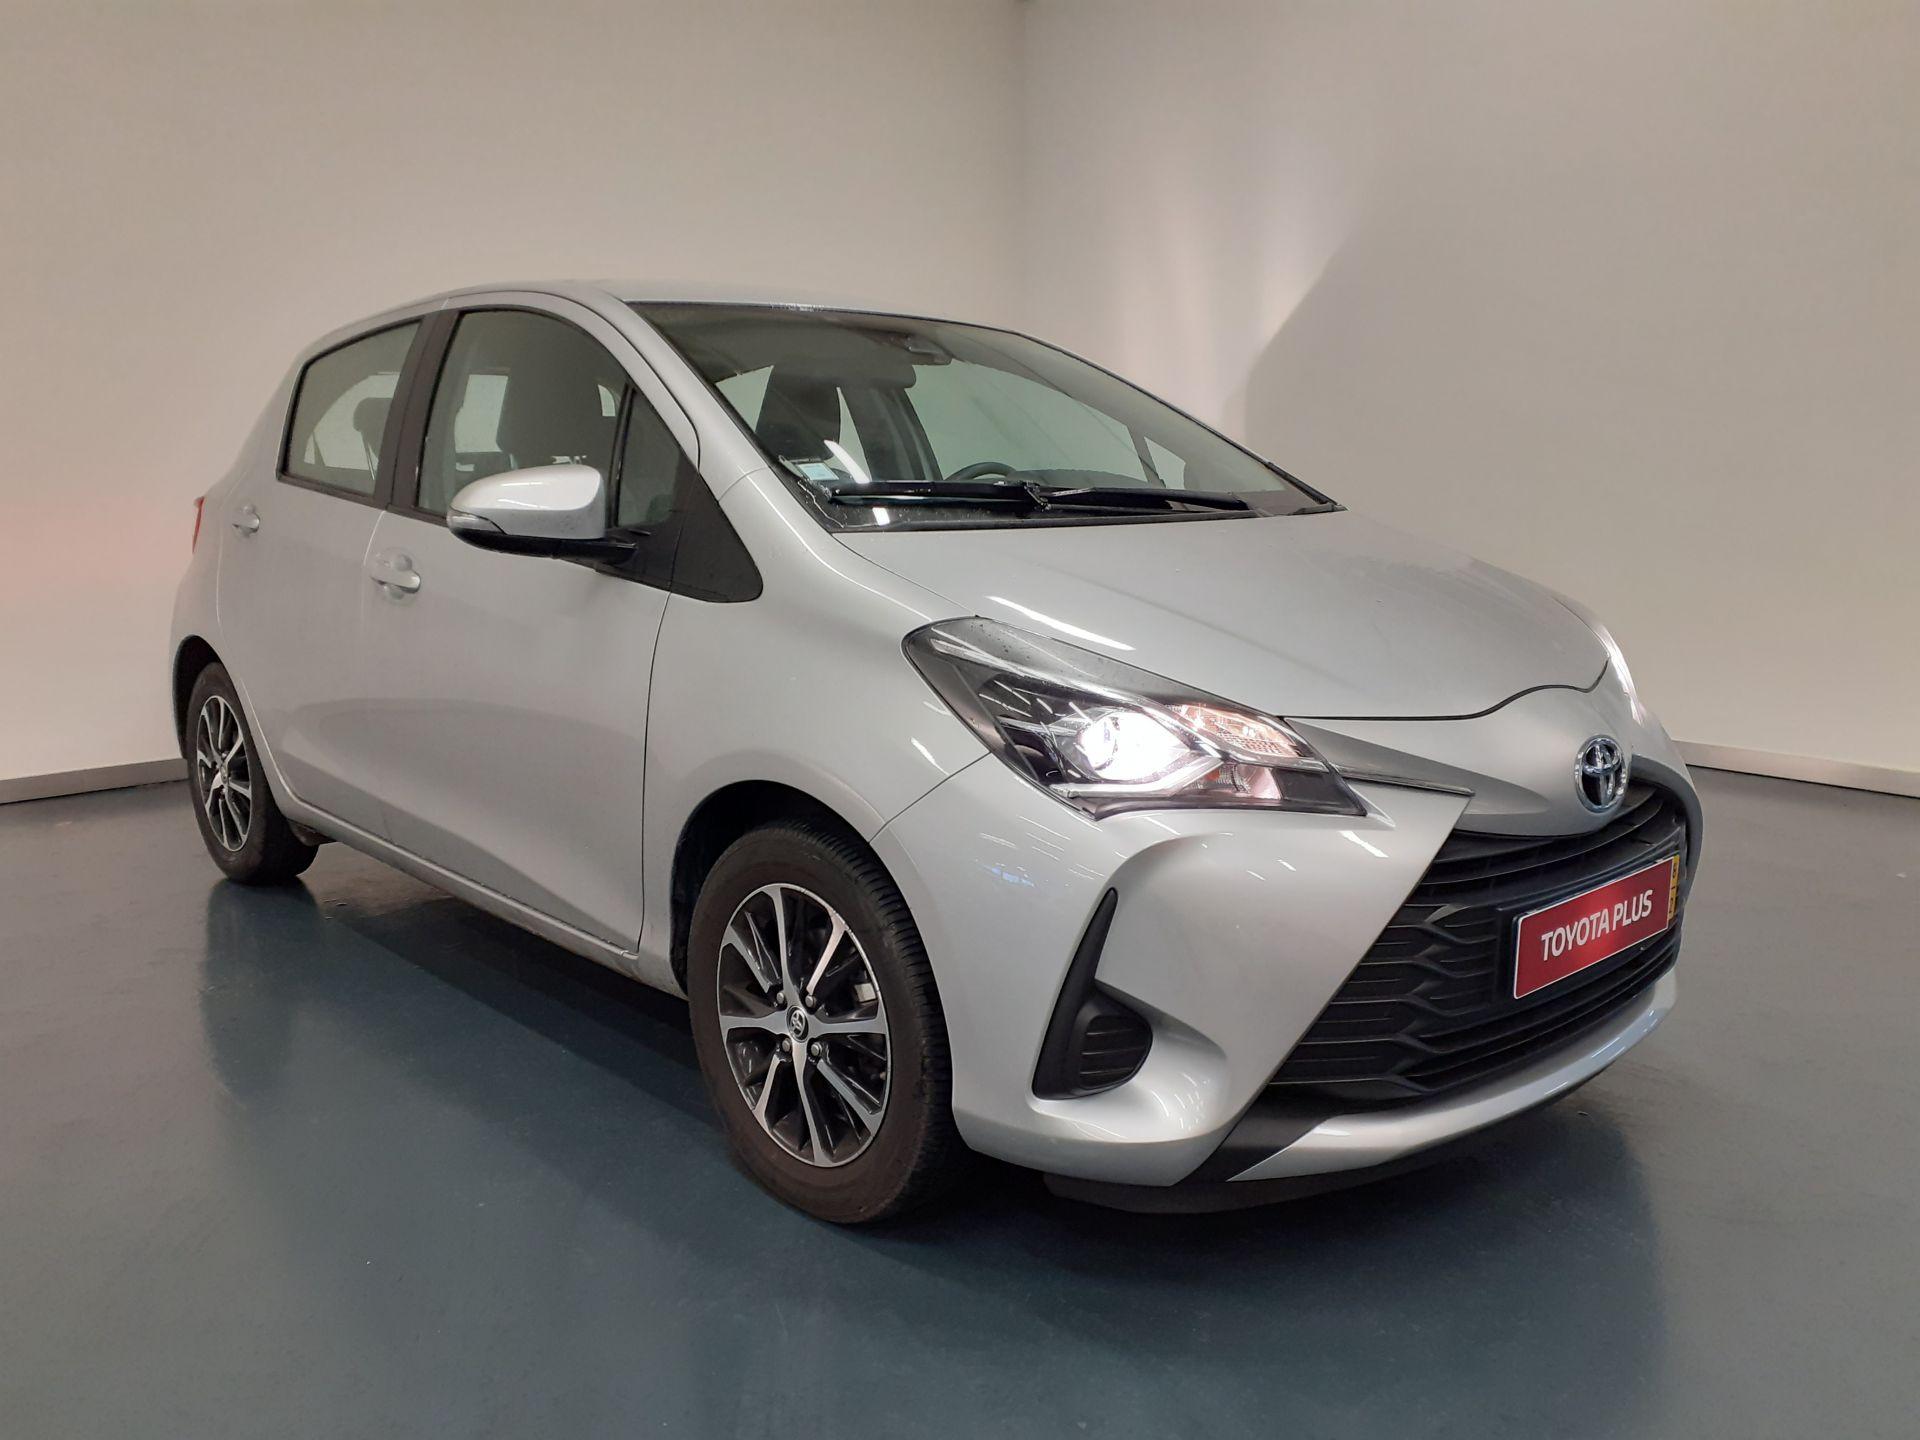 Toyota Yaris Yaris 1.0 5P Comfort segunda mão Lisboa